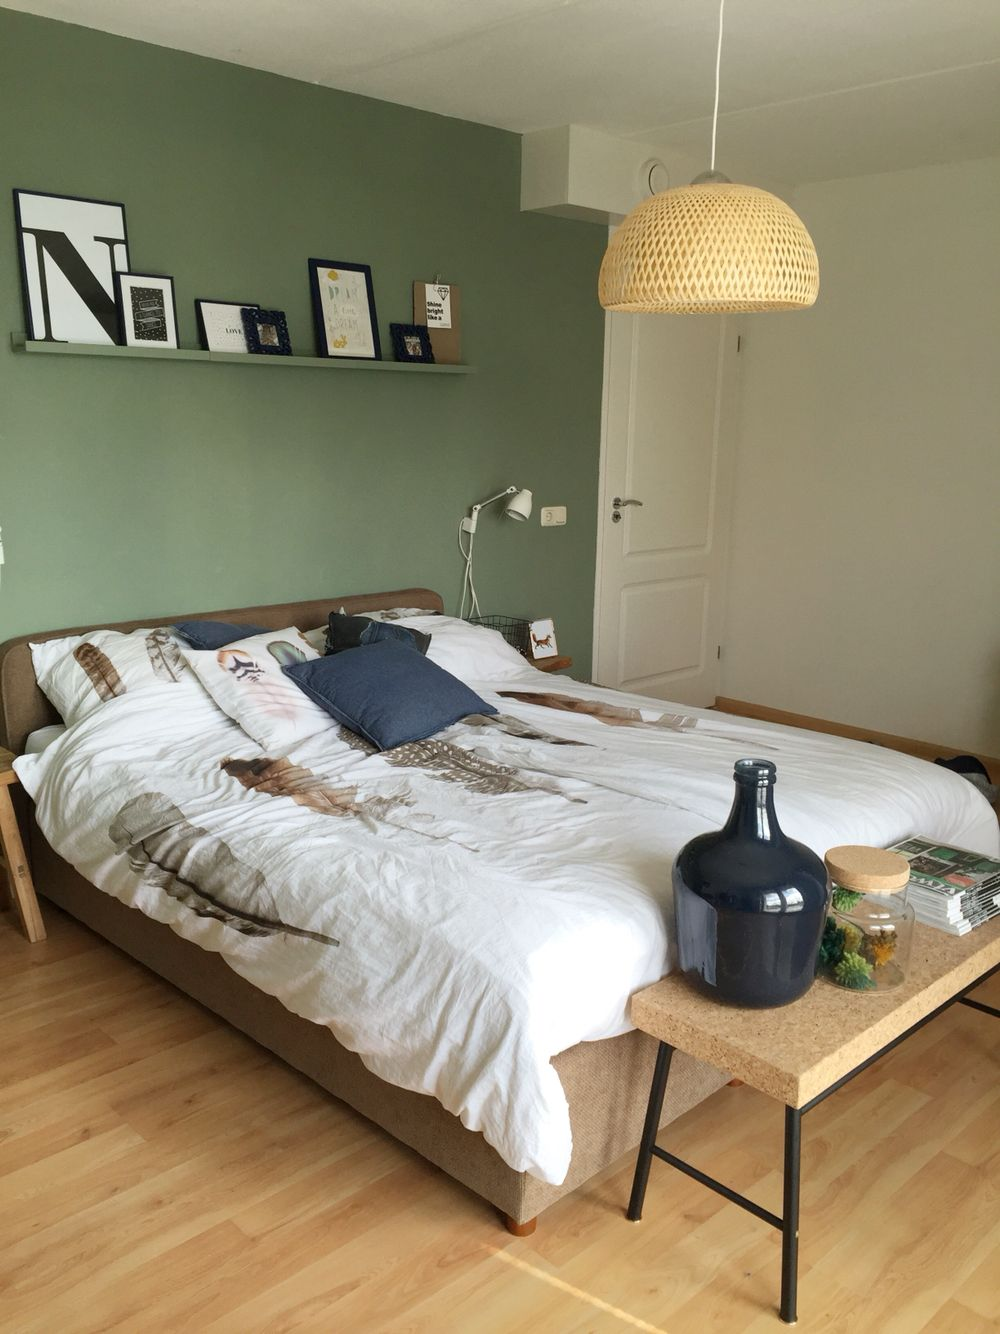 Slaapkamer met kleur geordend van histor op de muur